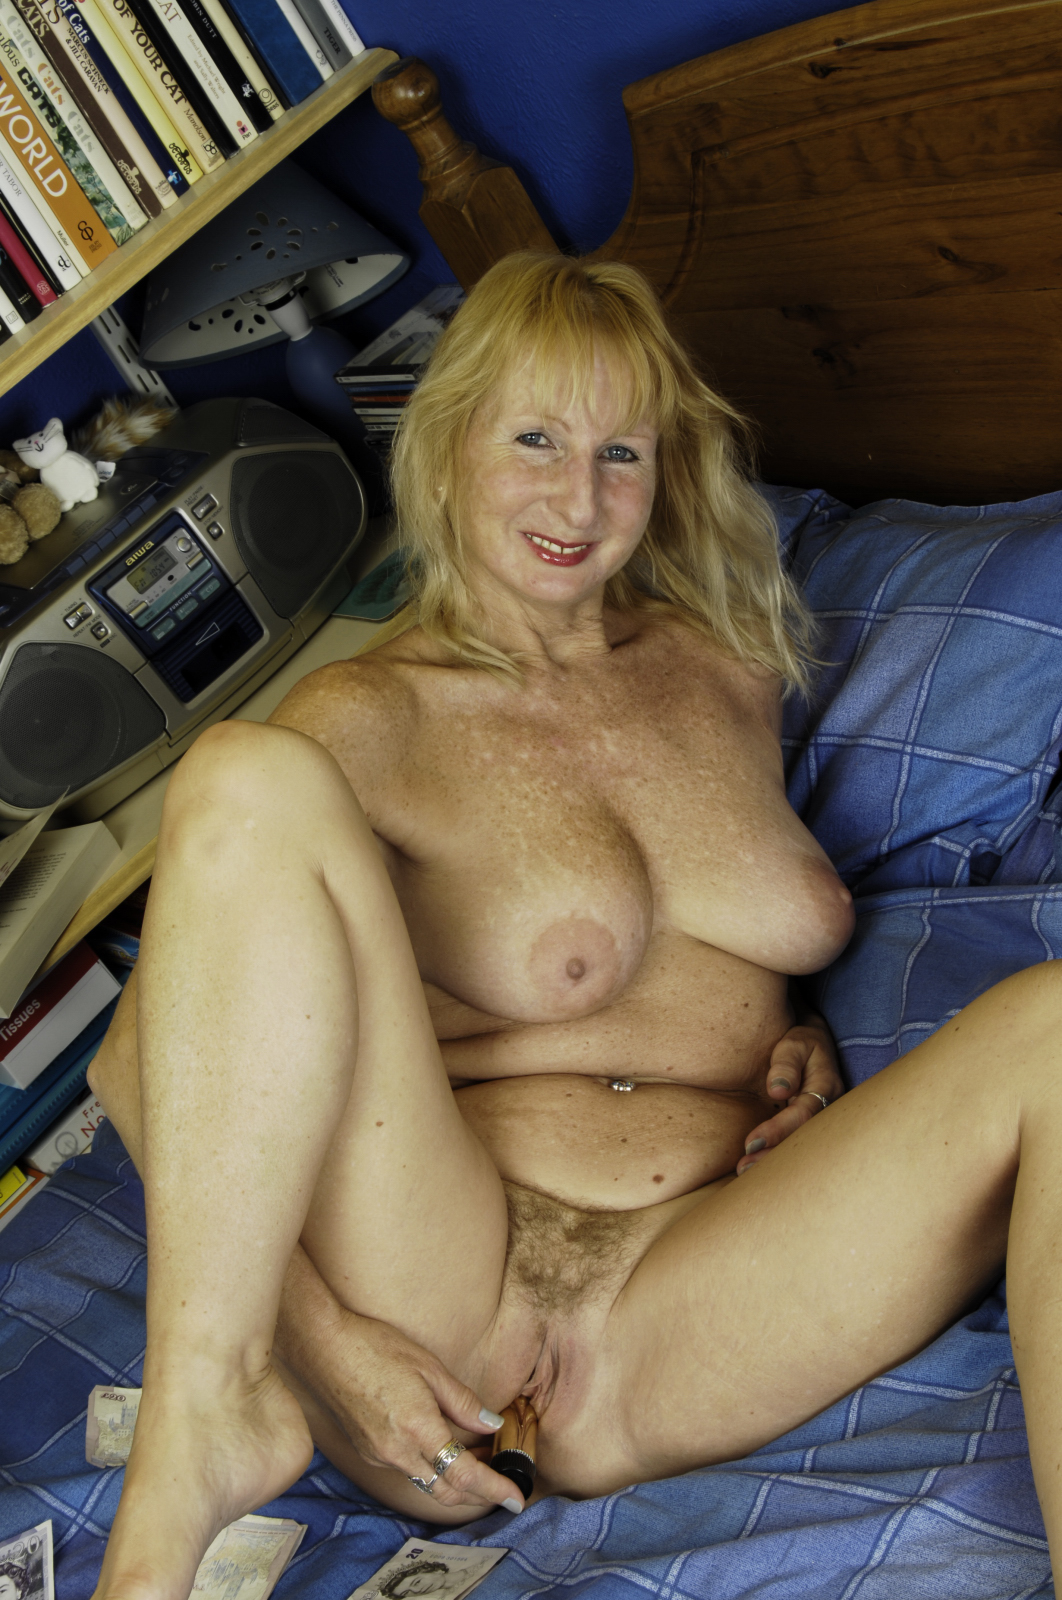 Female erotica